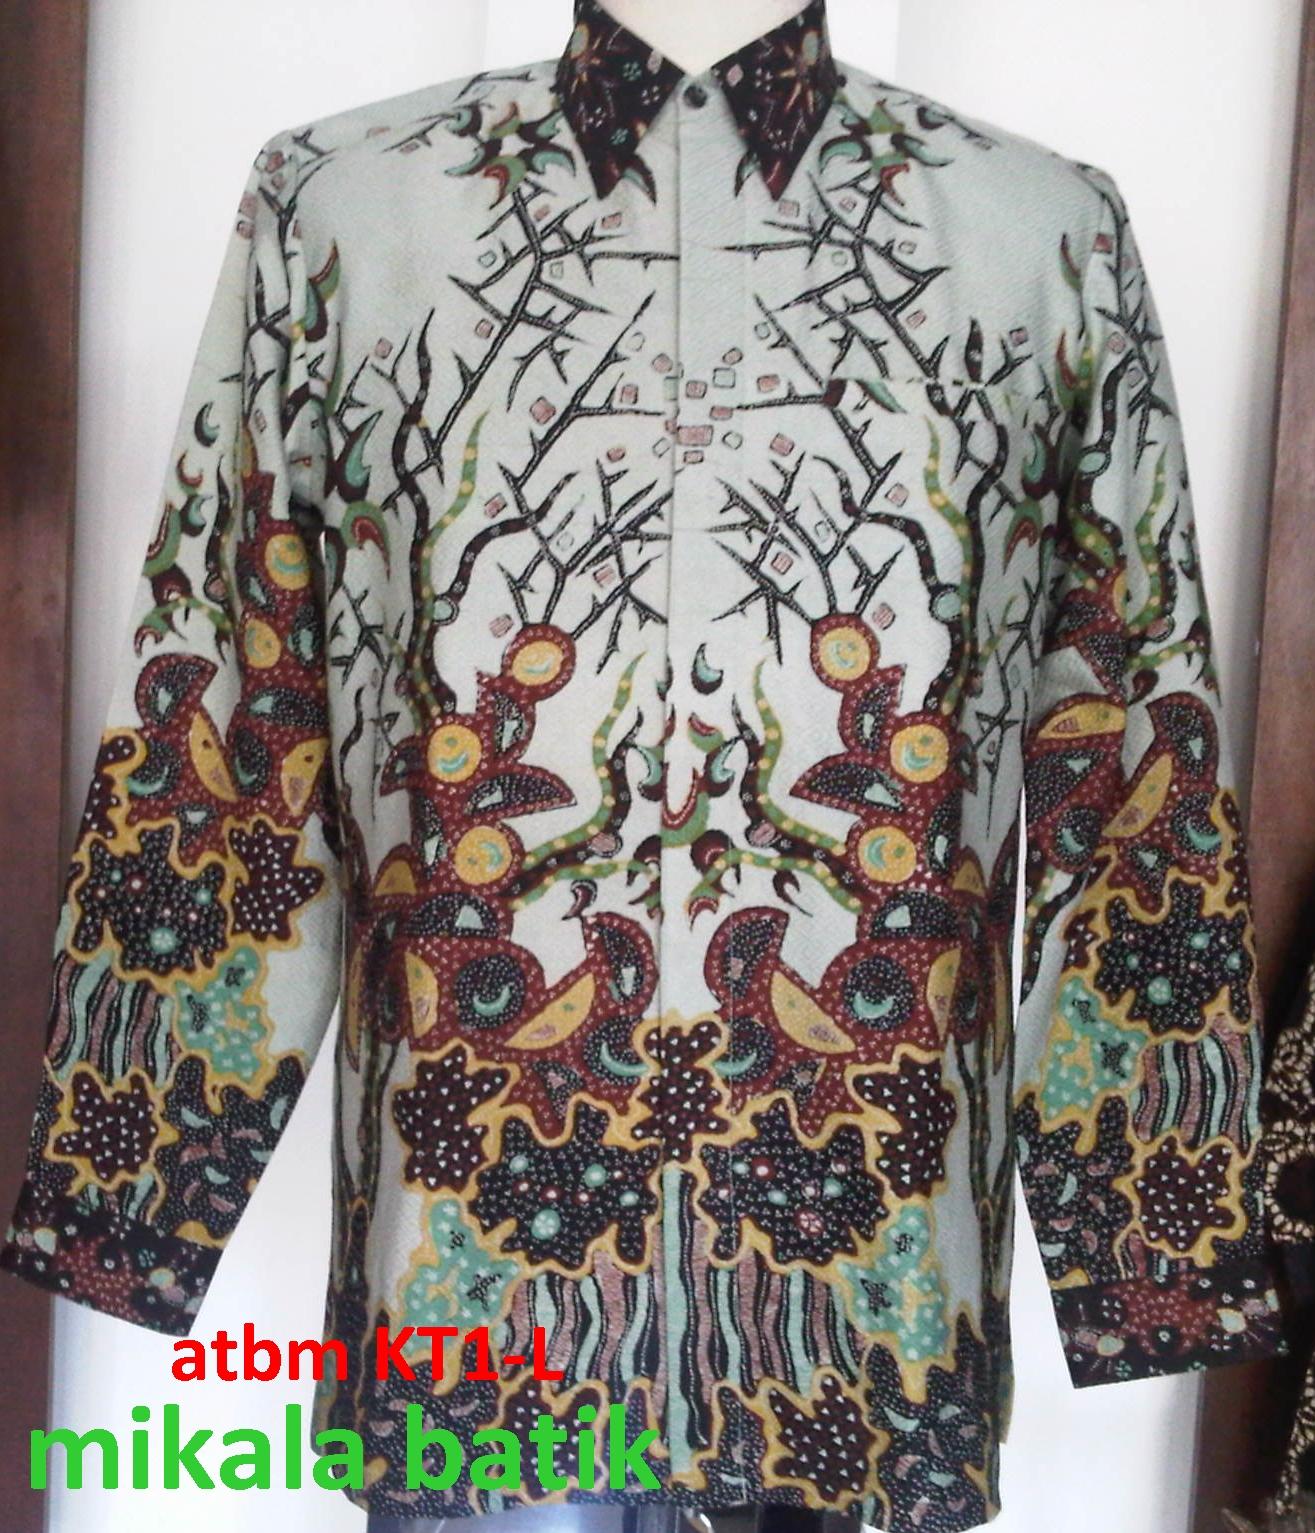 Kemeja Dari Batik Tulis: Kemeja Batik Tulis Cirebon,bahan Atbm,size L,harga 1.750